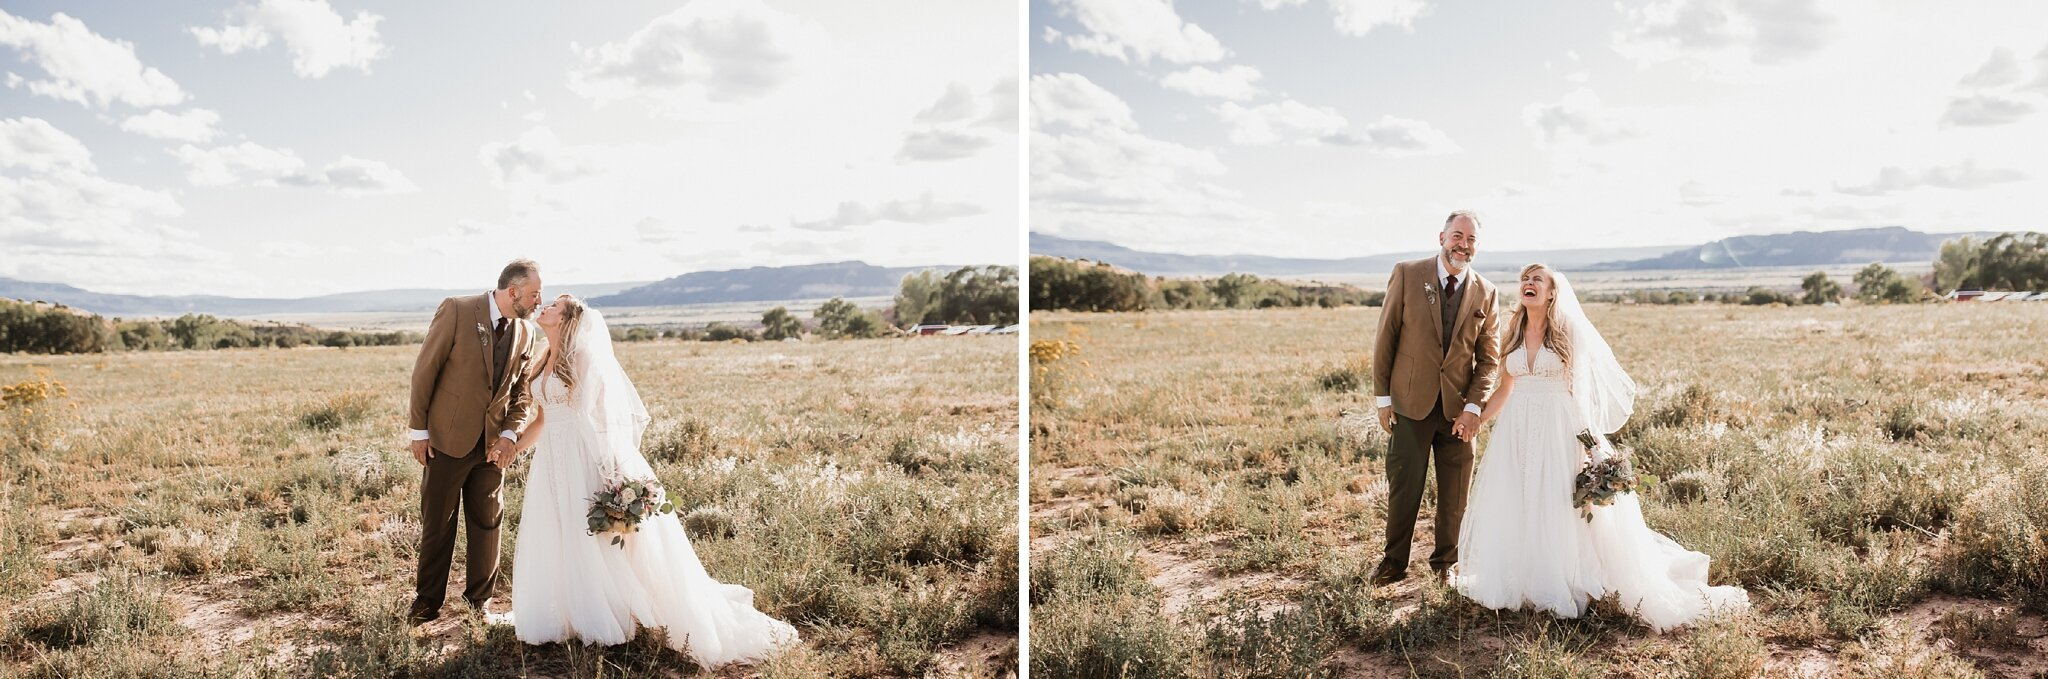 Alicia+lucia+photography+-+albuquerque+wedding+photographer+-+santa+fe+wedding+photography+-+new+mexico+wedding+photographer+-+new+mexico+wedding+-+wedding+-+santa+fe+wedding+-+ghost+ranch+-+ghost+ranch+wedding+-+fall+wedding_0042.jpg